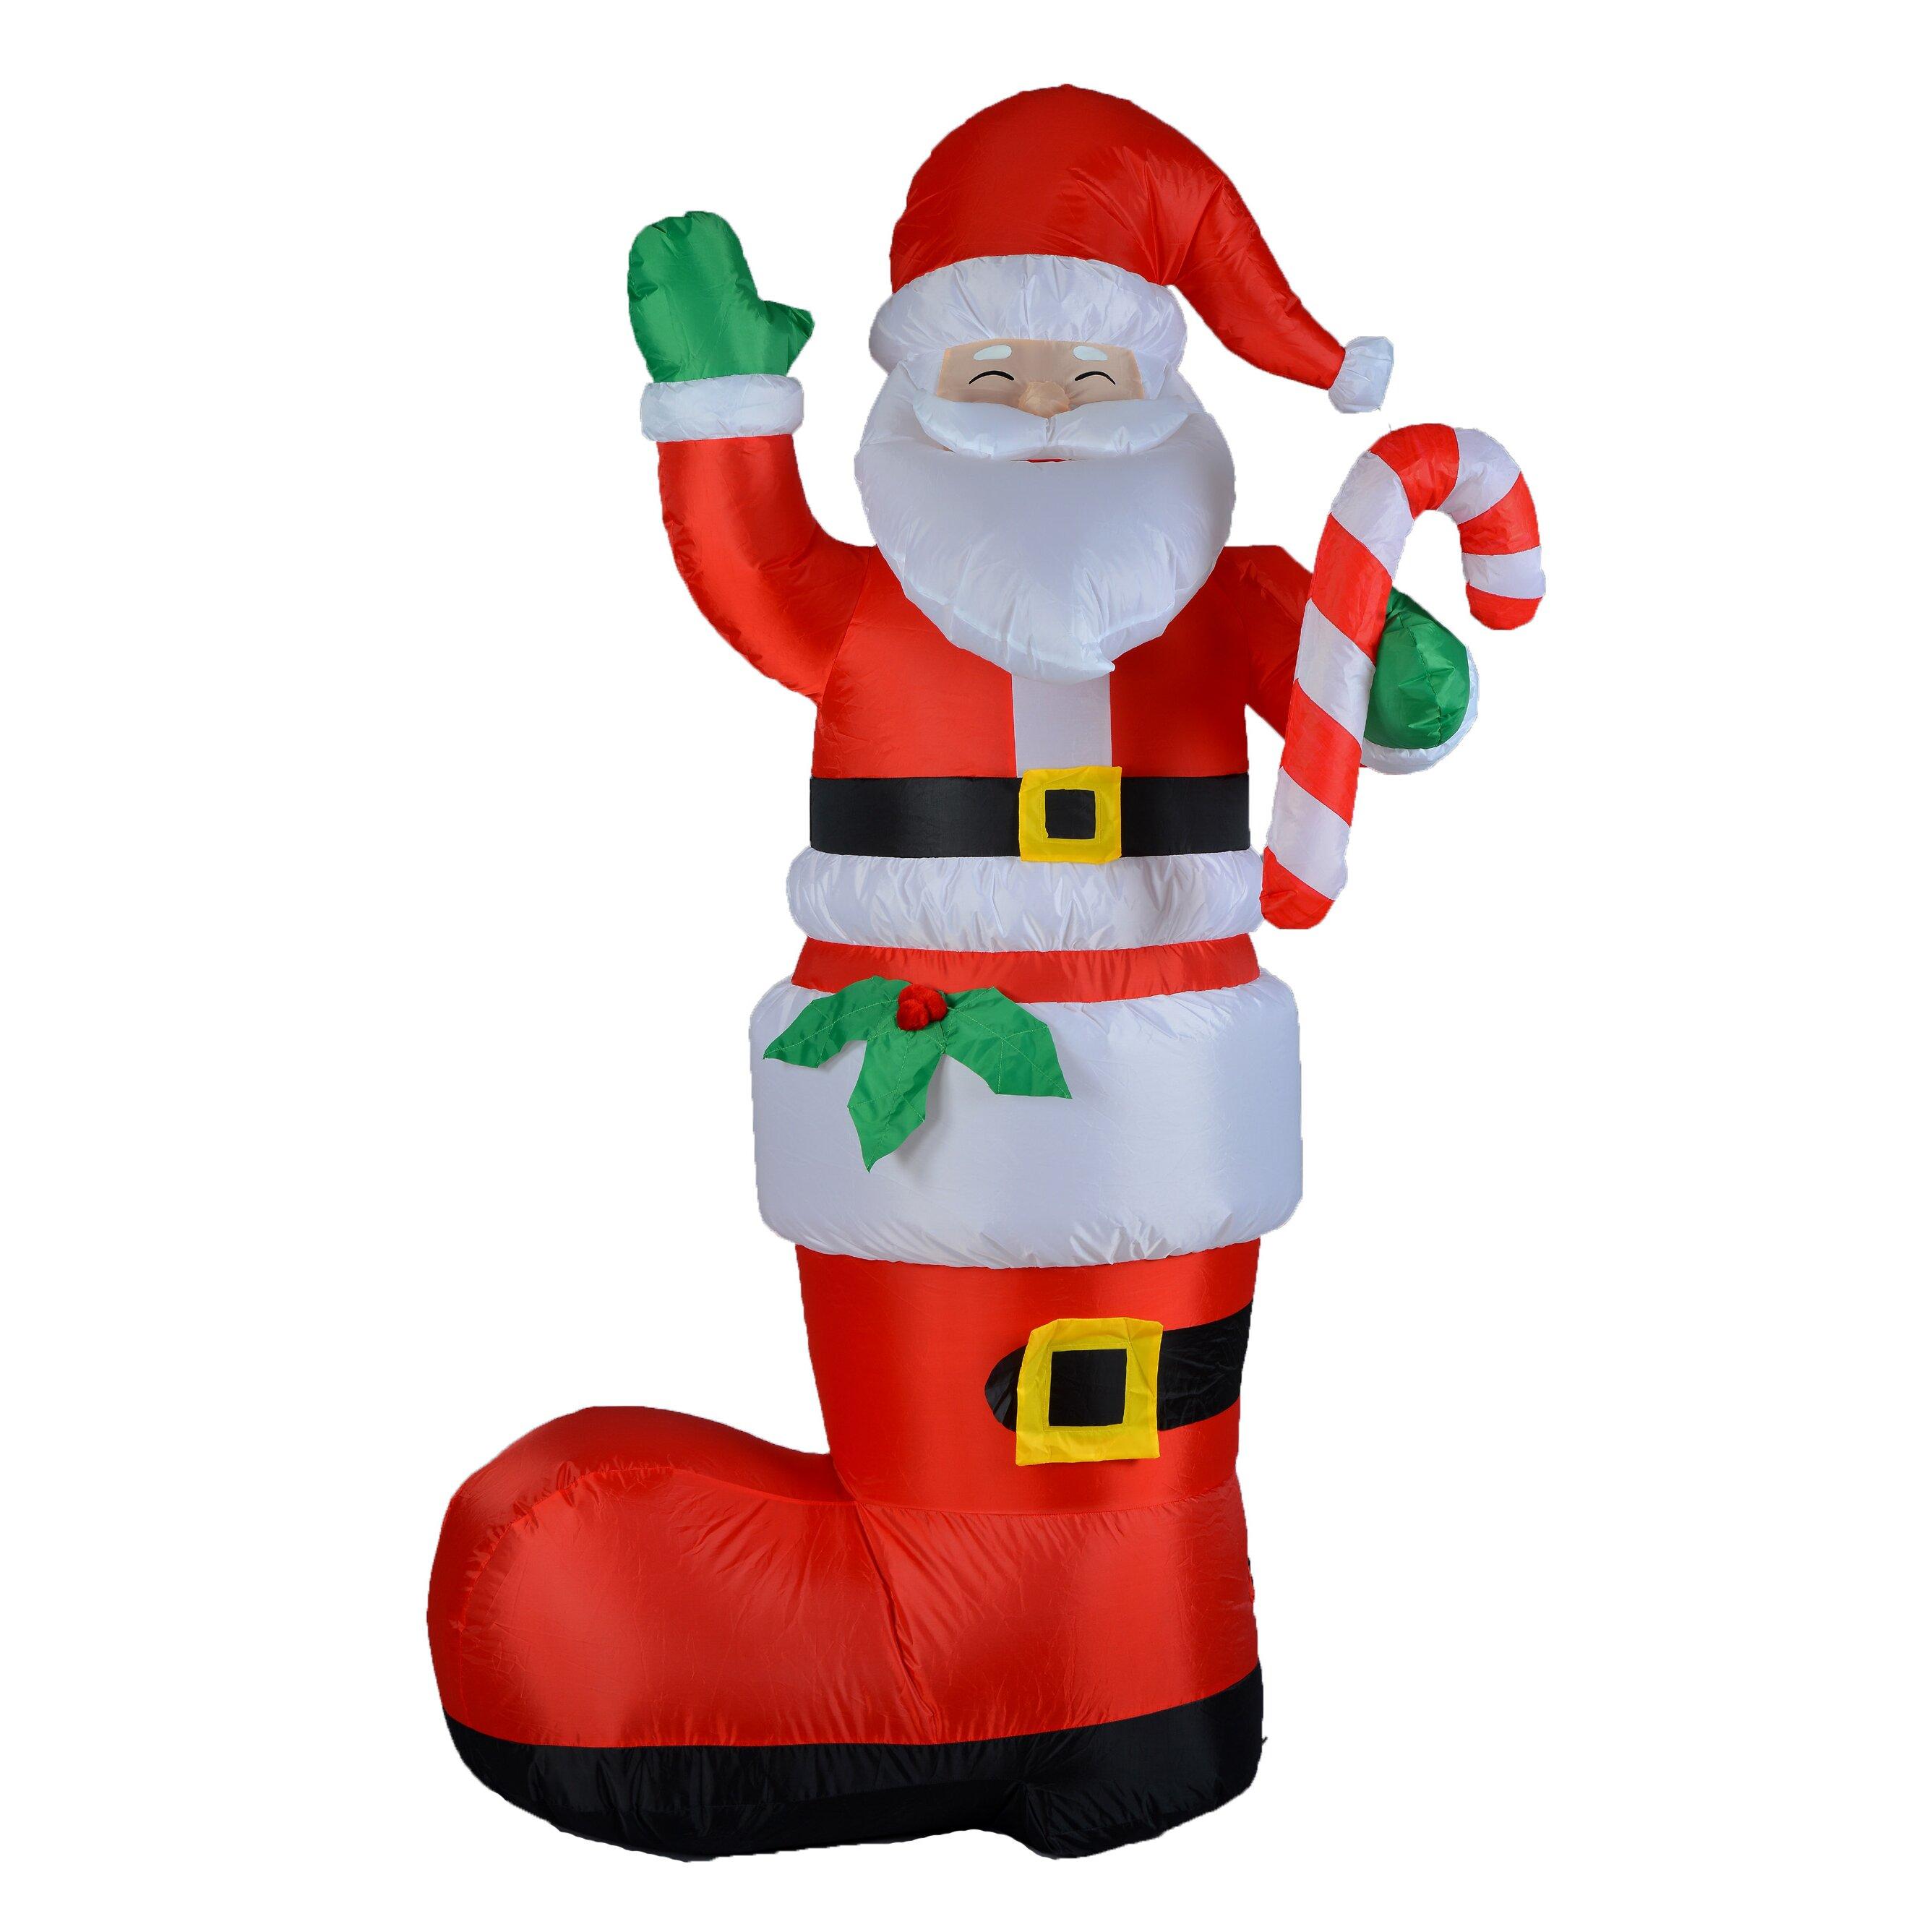 Bzb Goods 6 Ft Santa Boot Decoration Reviews Wayfair